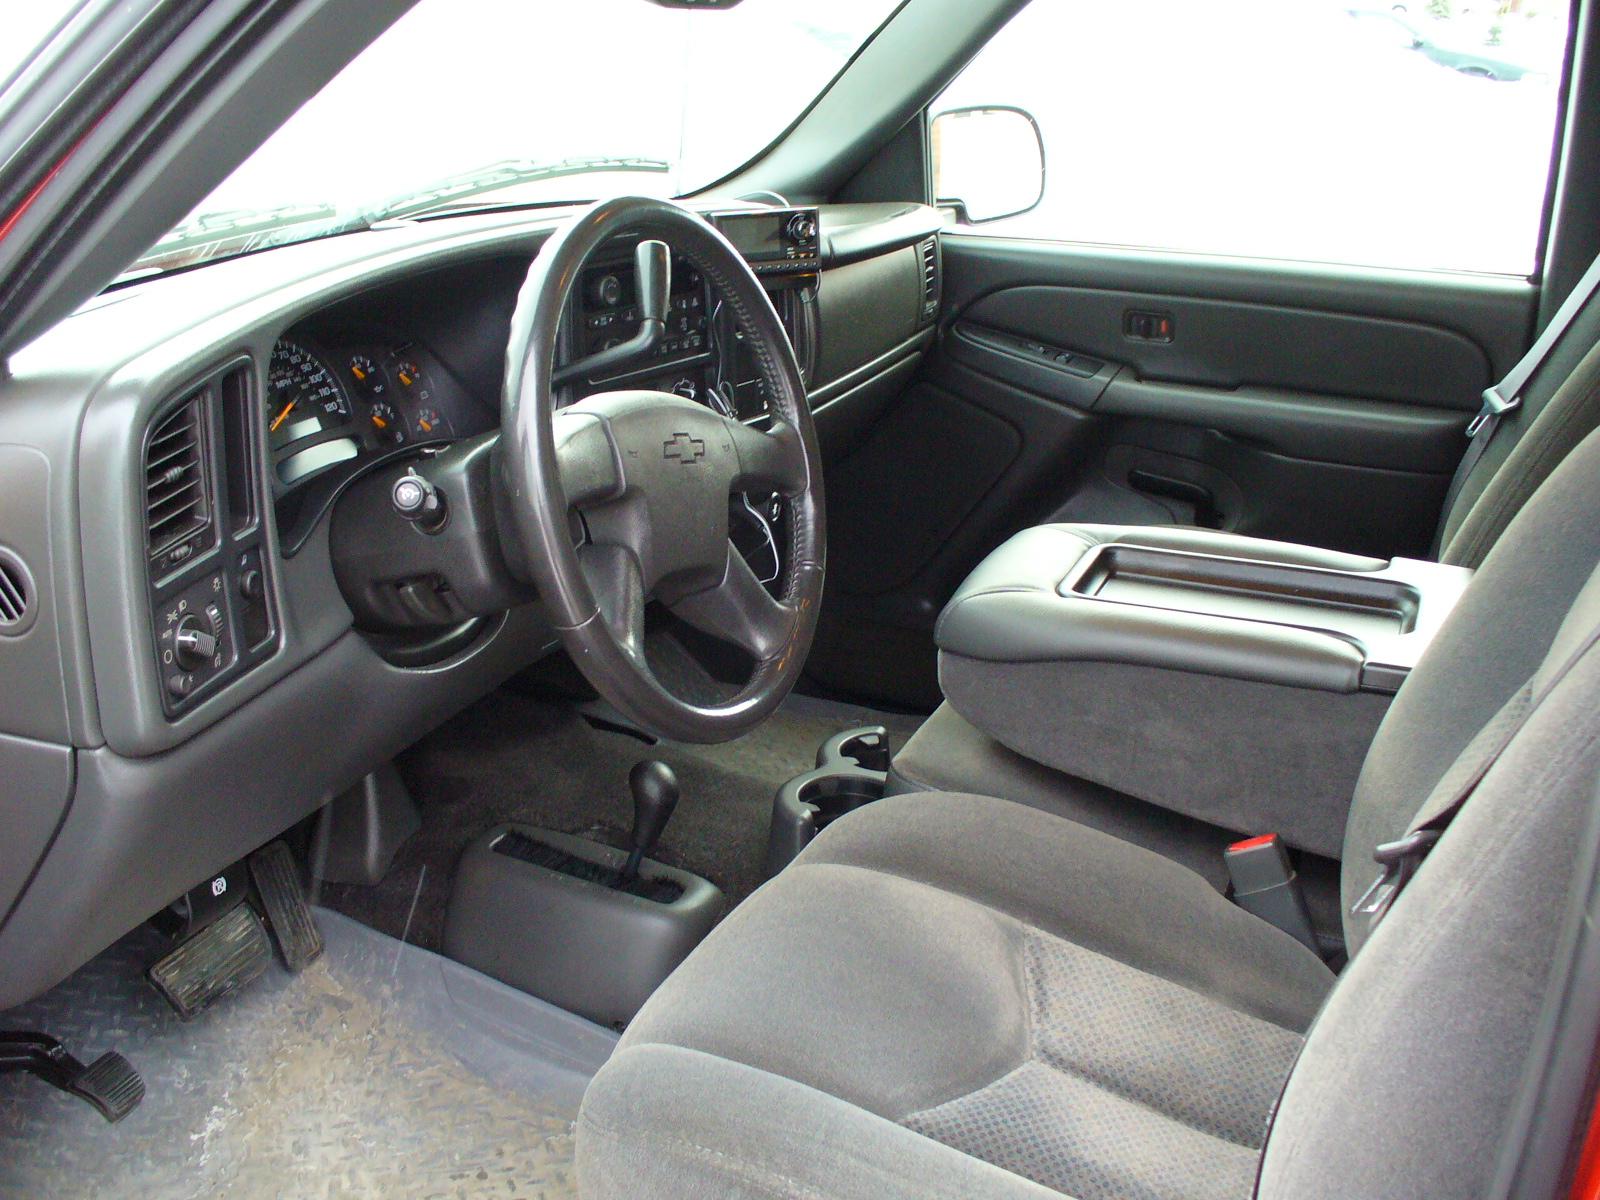 2003 Chevrolet Silverado 1500 Parts And Accessories Autos Post